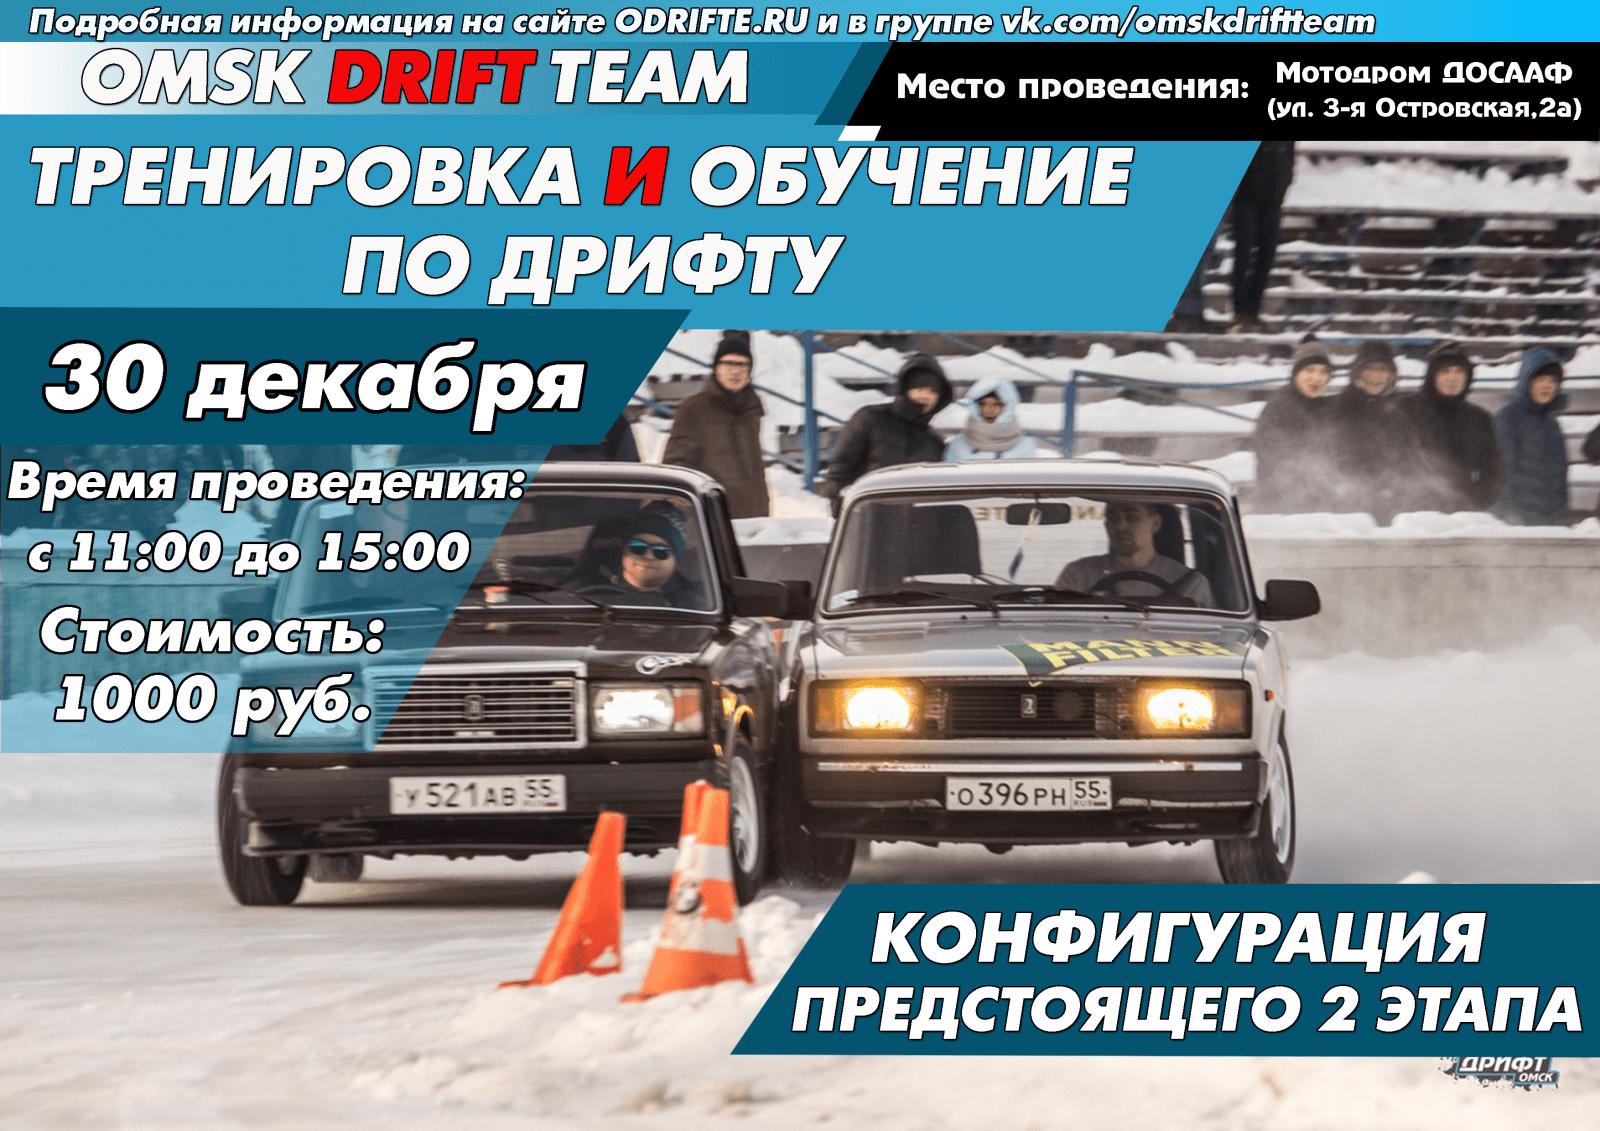 Тренировка предстоящего 2-го этапа 30.12.18